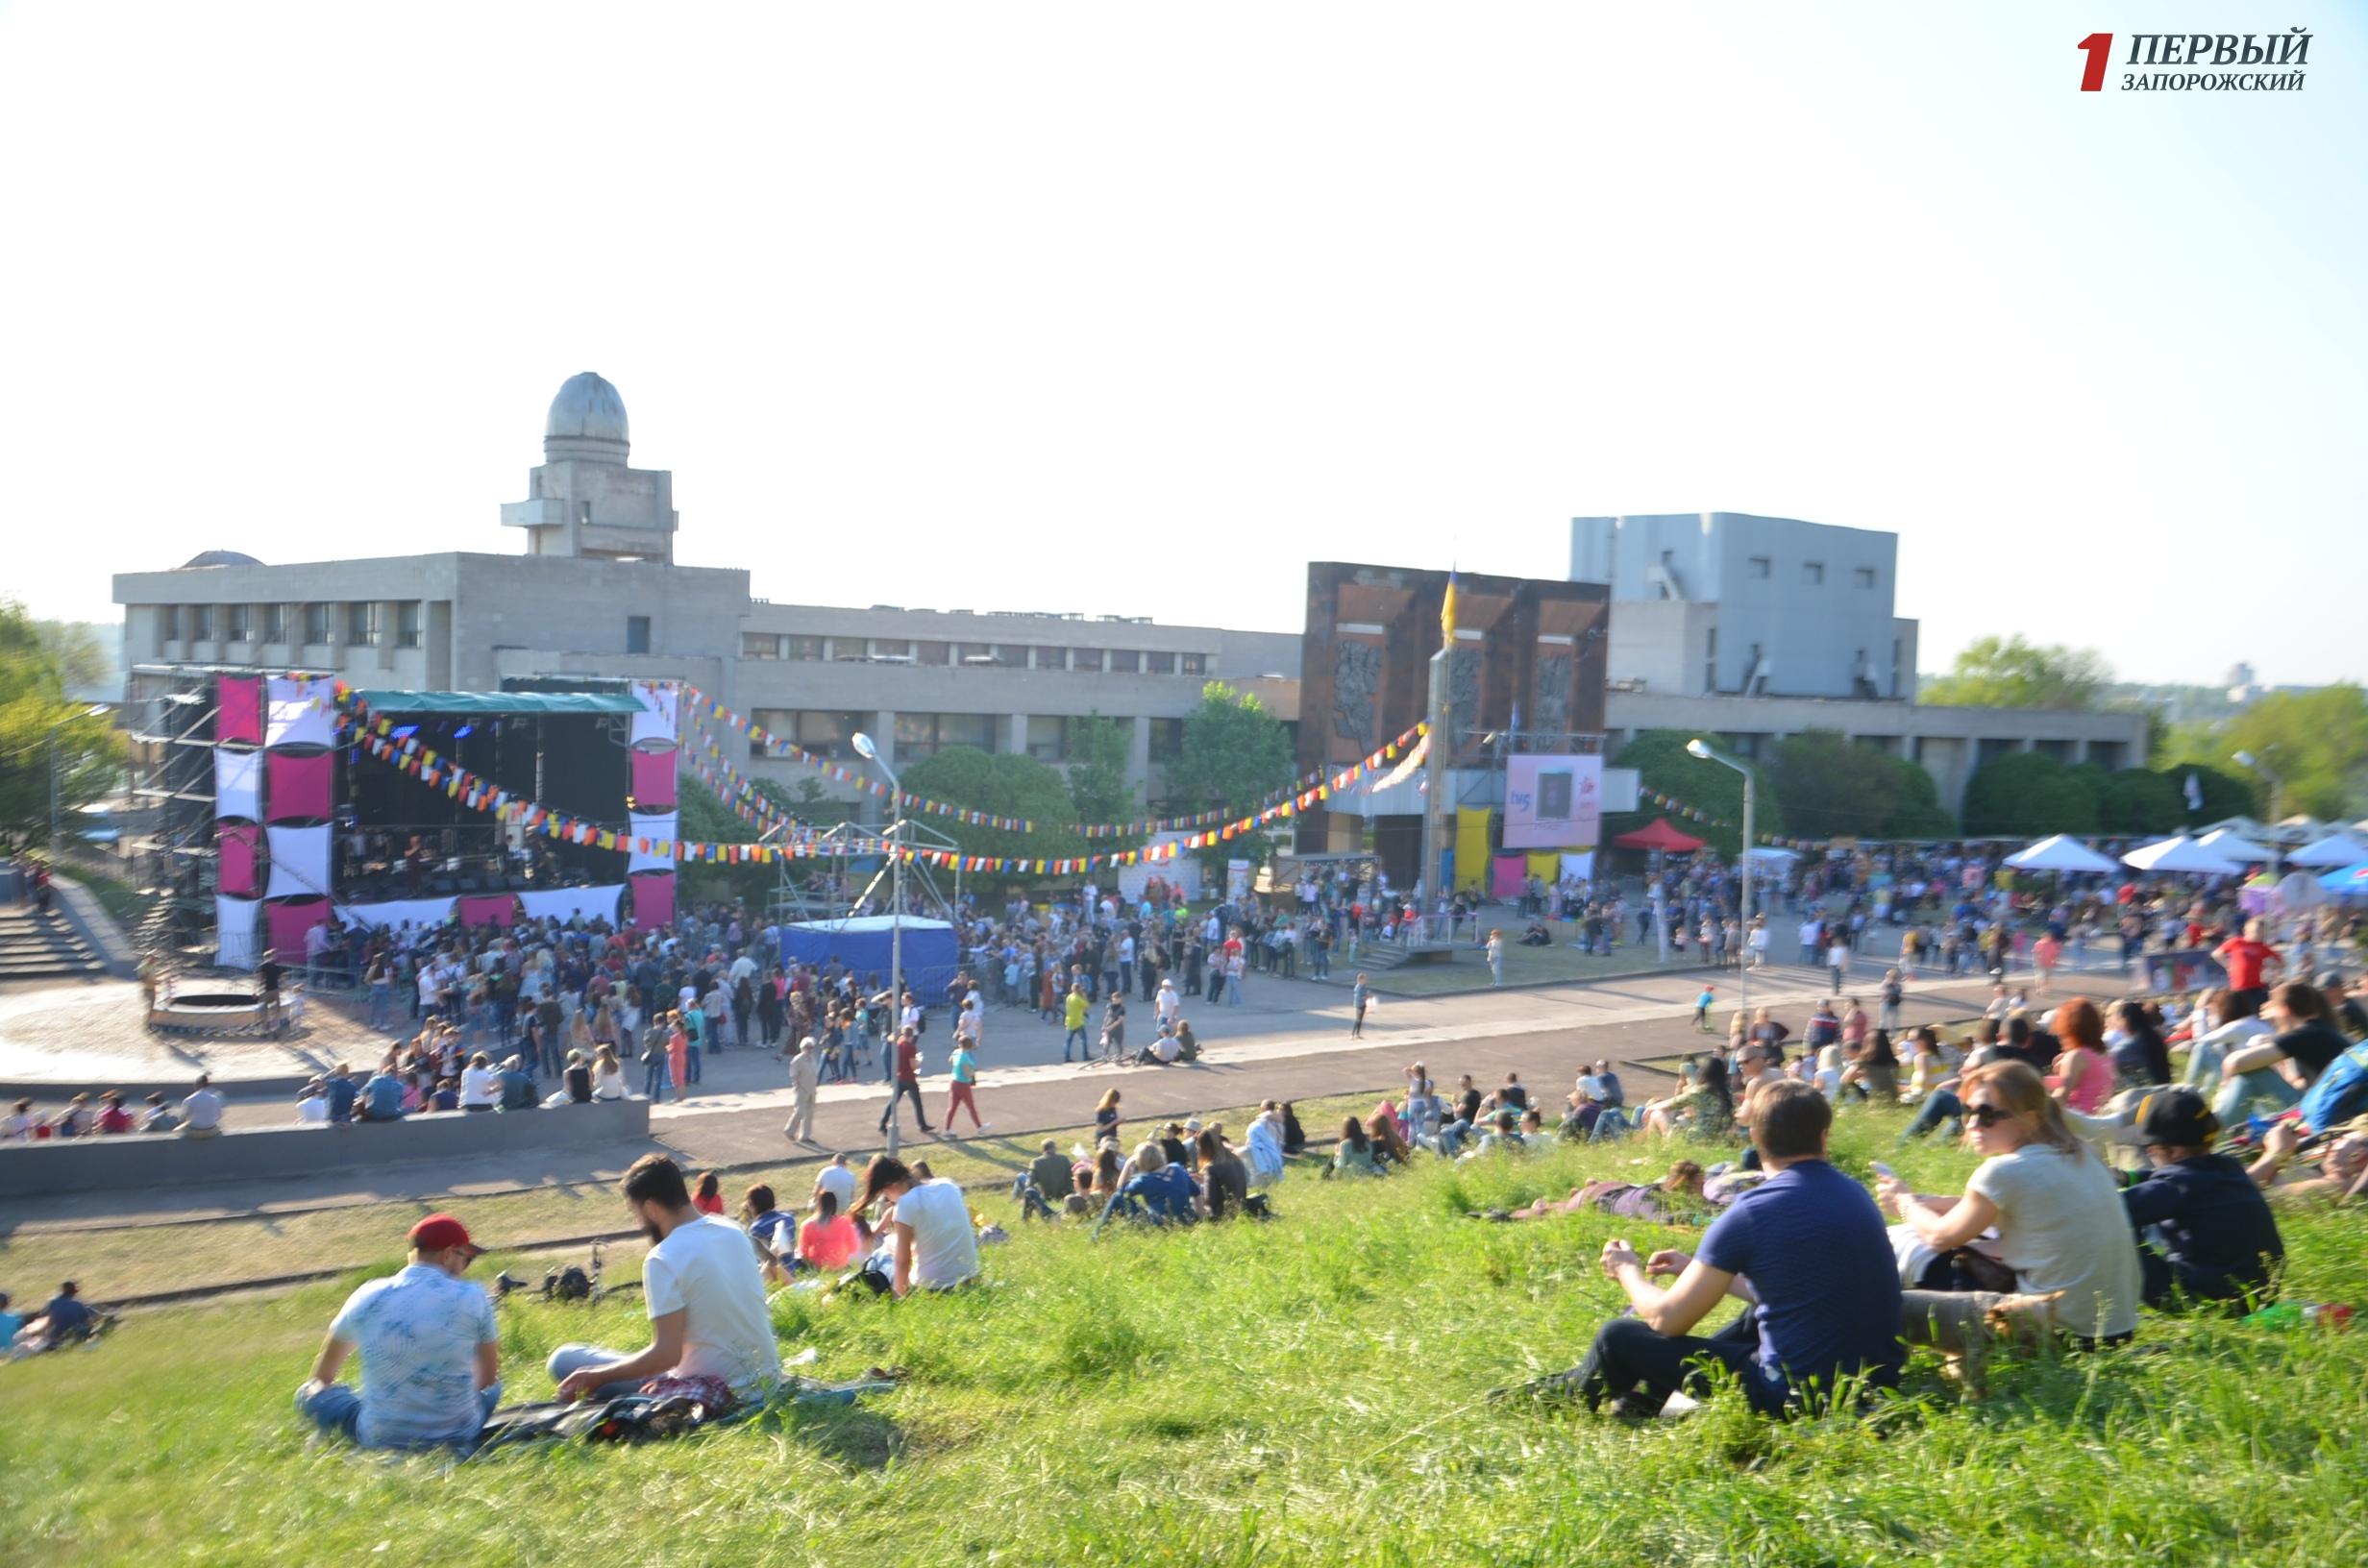 Стала известна дата проведения в Запорожье второго джазового фестиваля под открытым небом